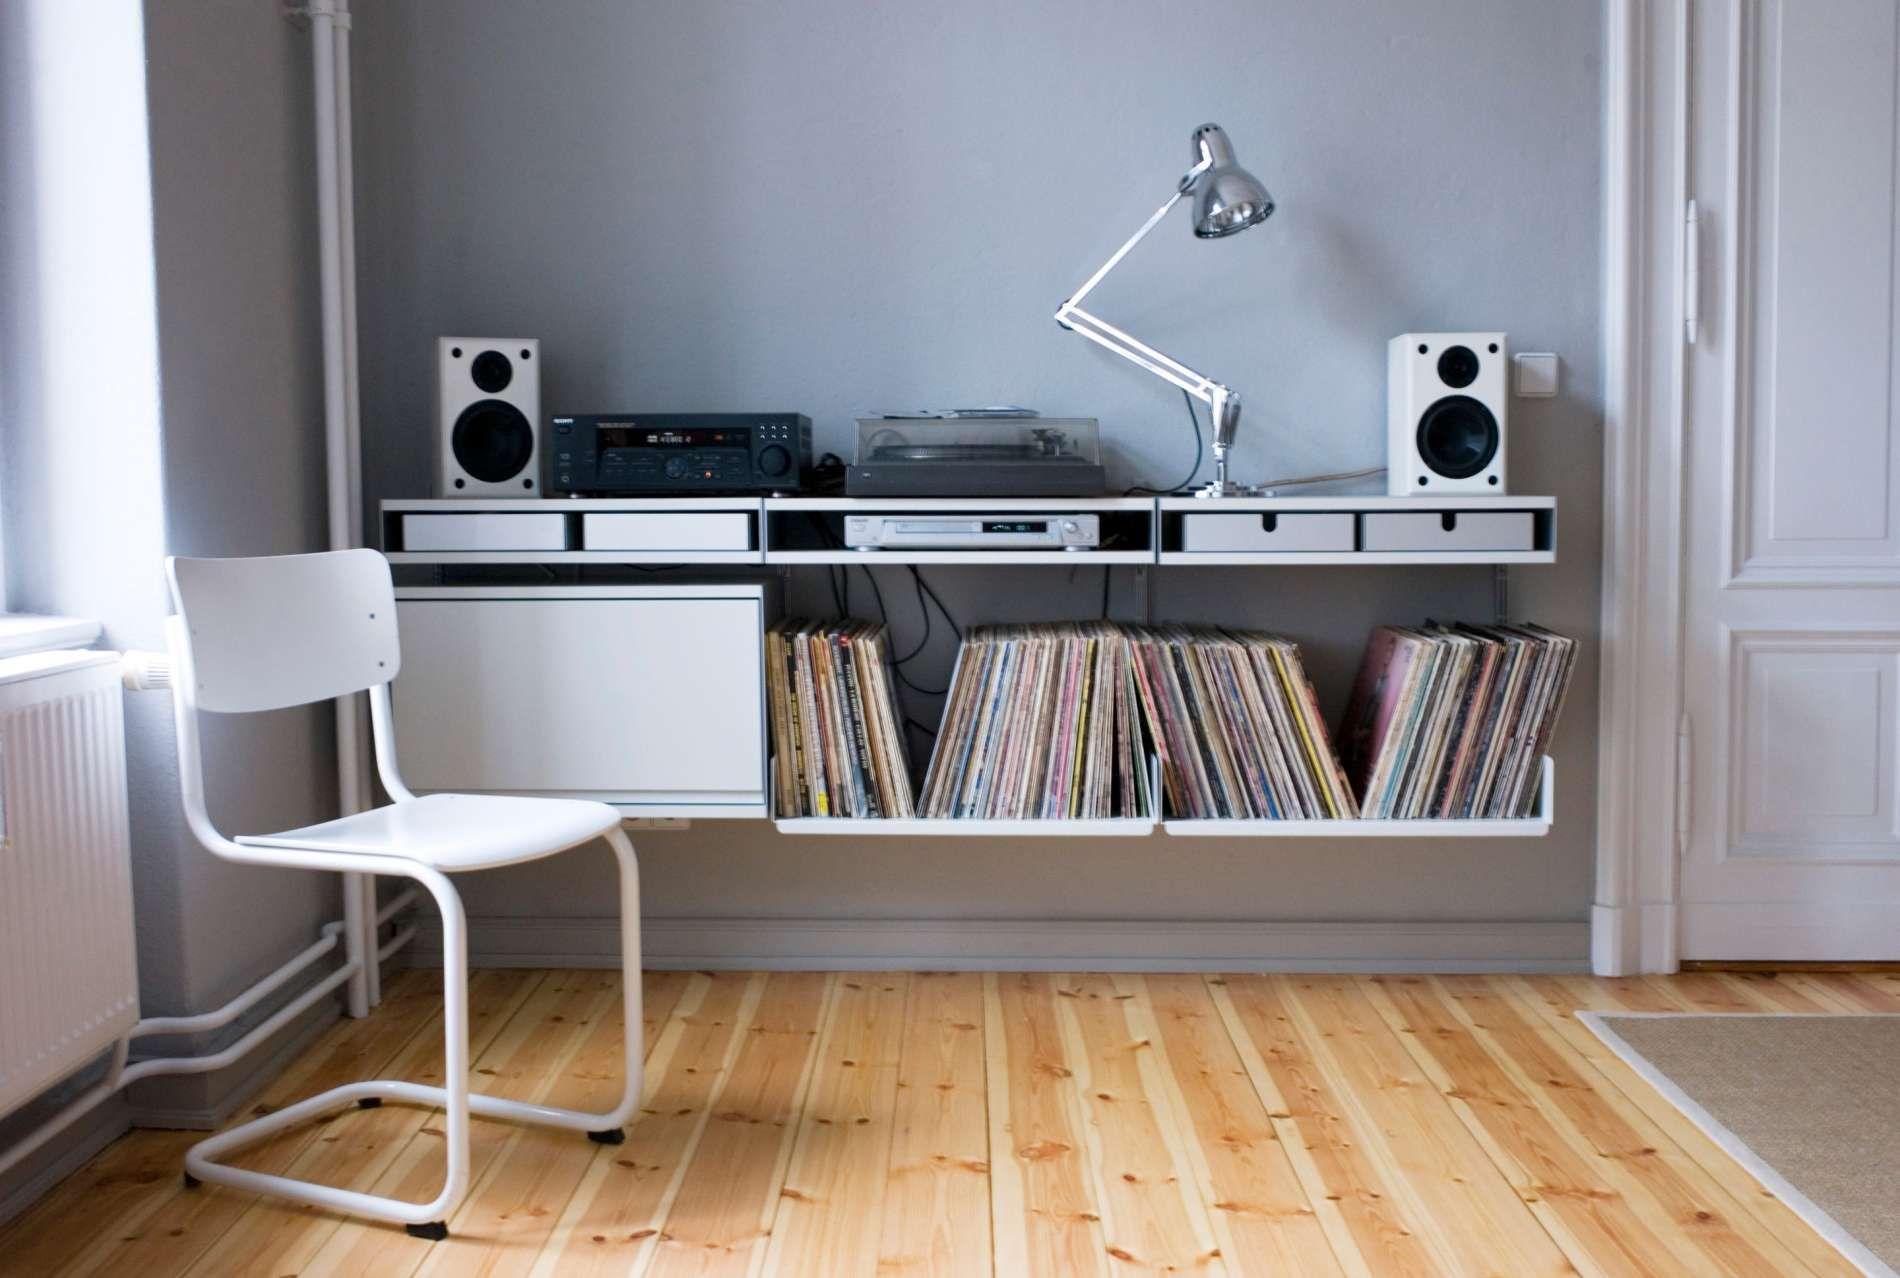 ein doppeltablar mit zwei oberfl chen tr gt verst rker und plattenspieler und bietet zugleich. Black Bedroom Furniture Sets. Home Design Ideas